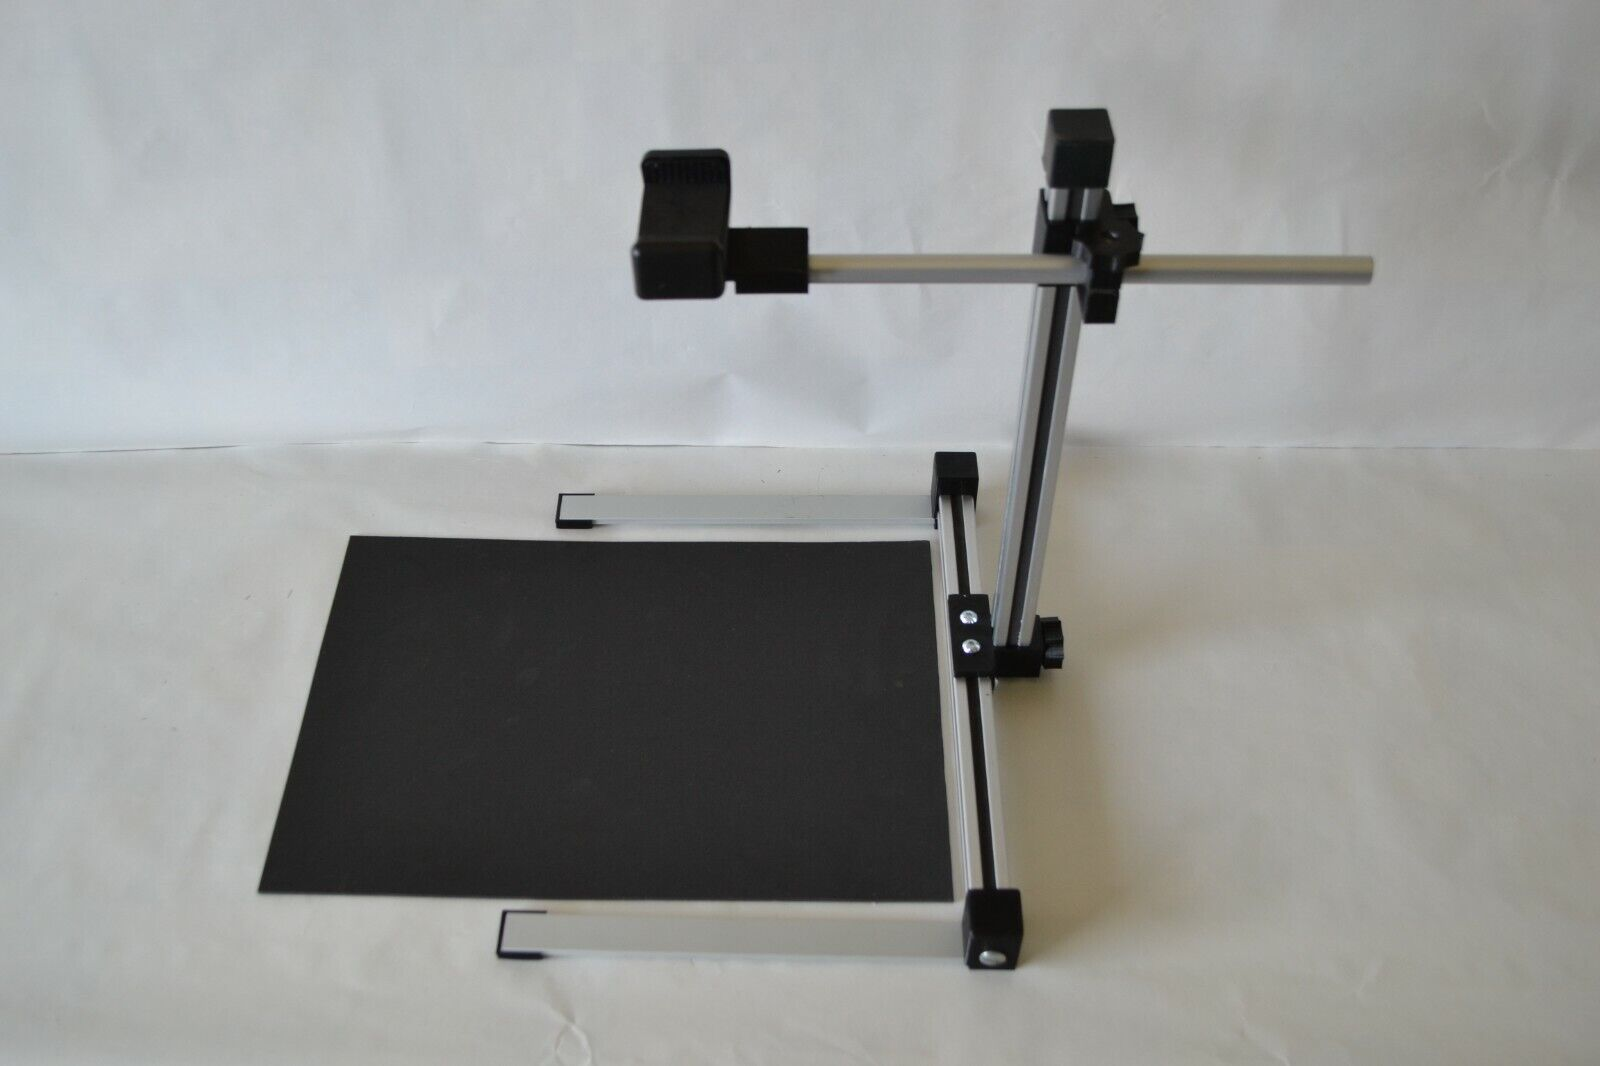 Handy Dokumentenscanner, Mikroskop, Fotostudio